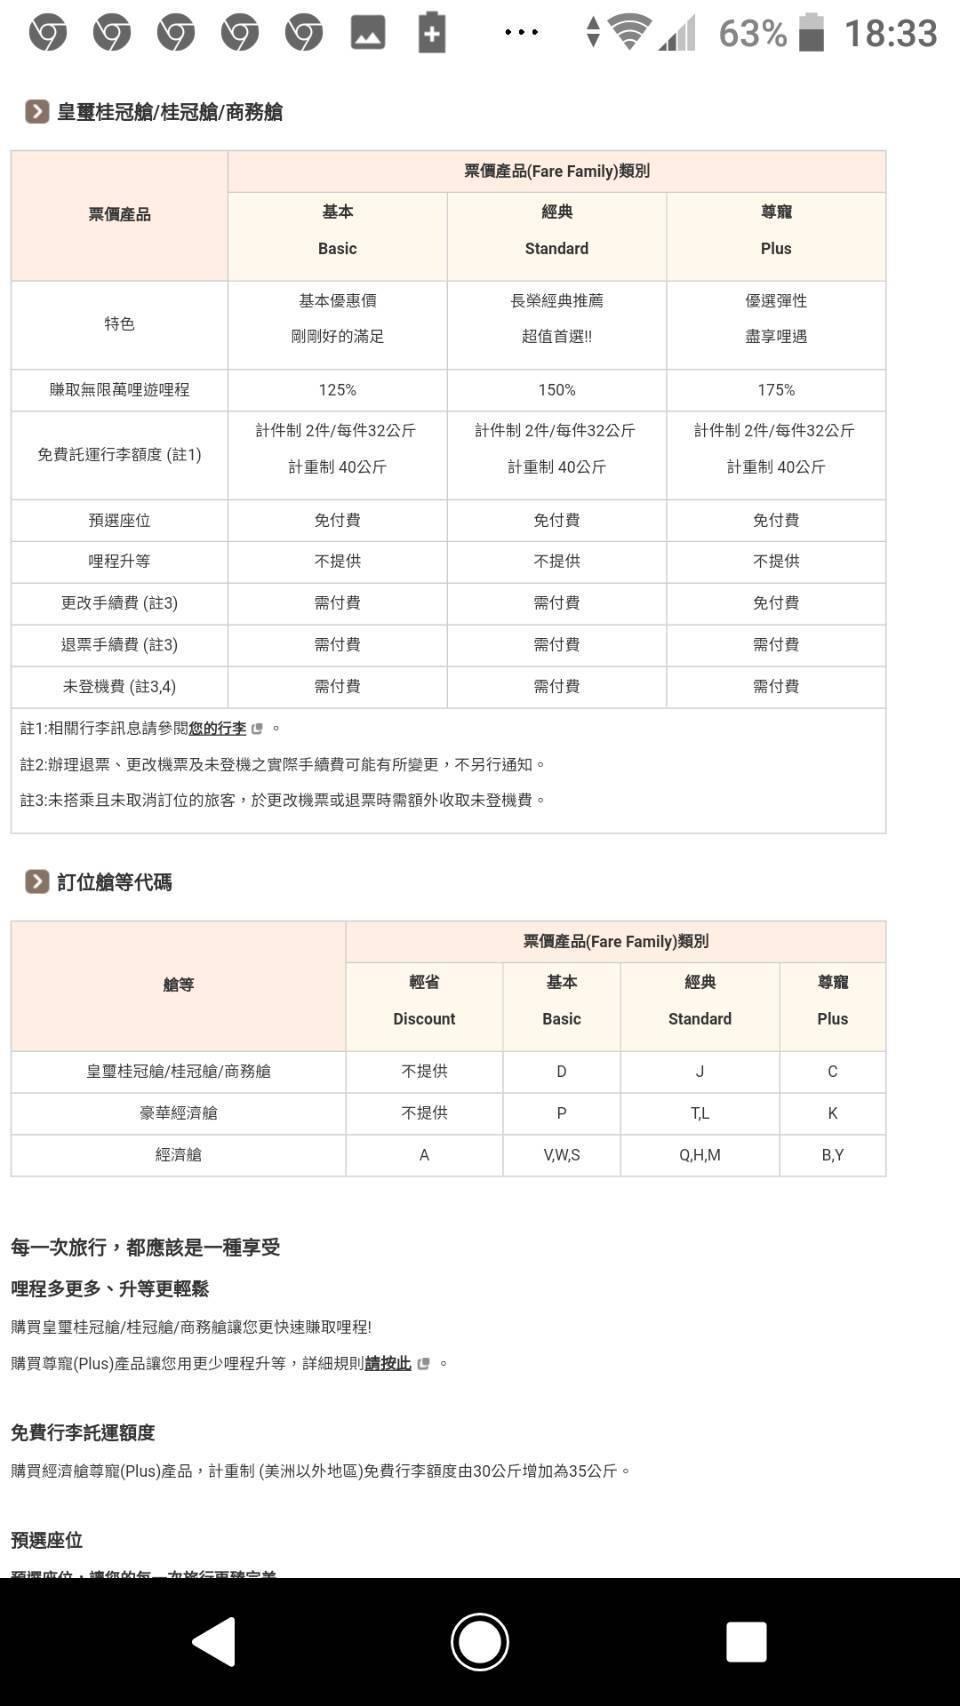 皇璽桂冠艙/桂冠艙/商務艙各項新付費概況。